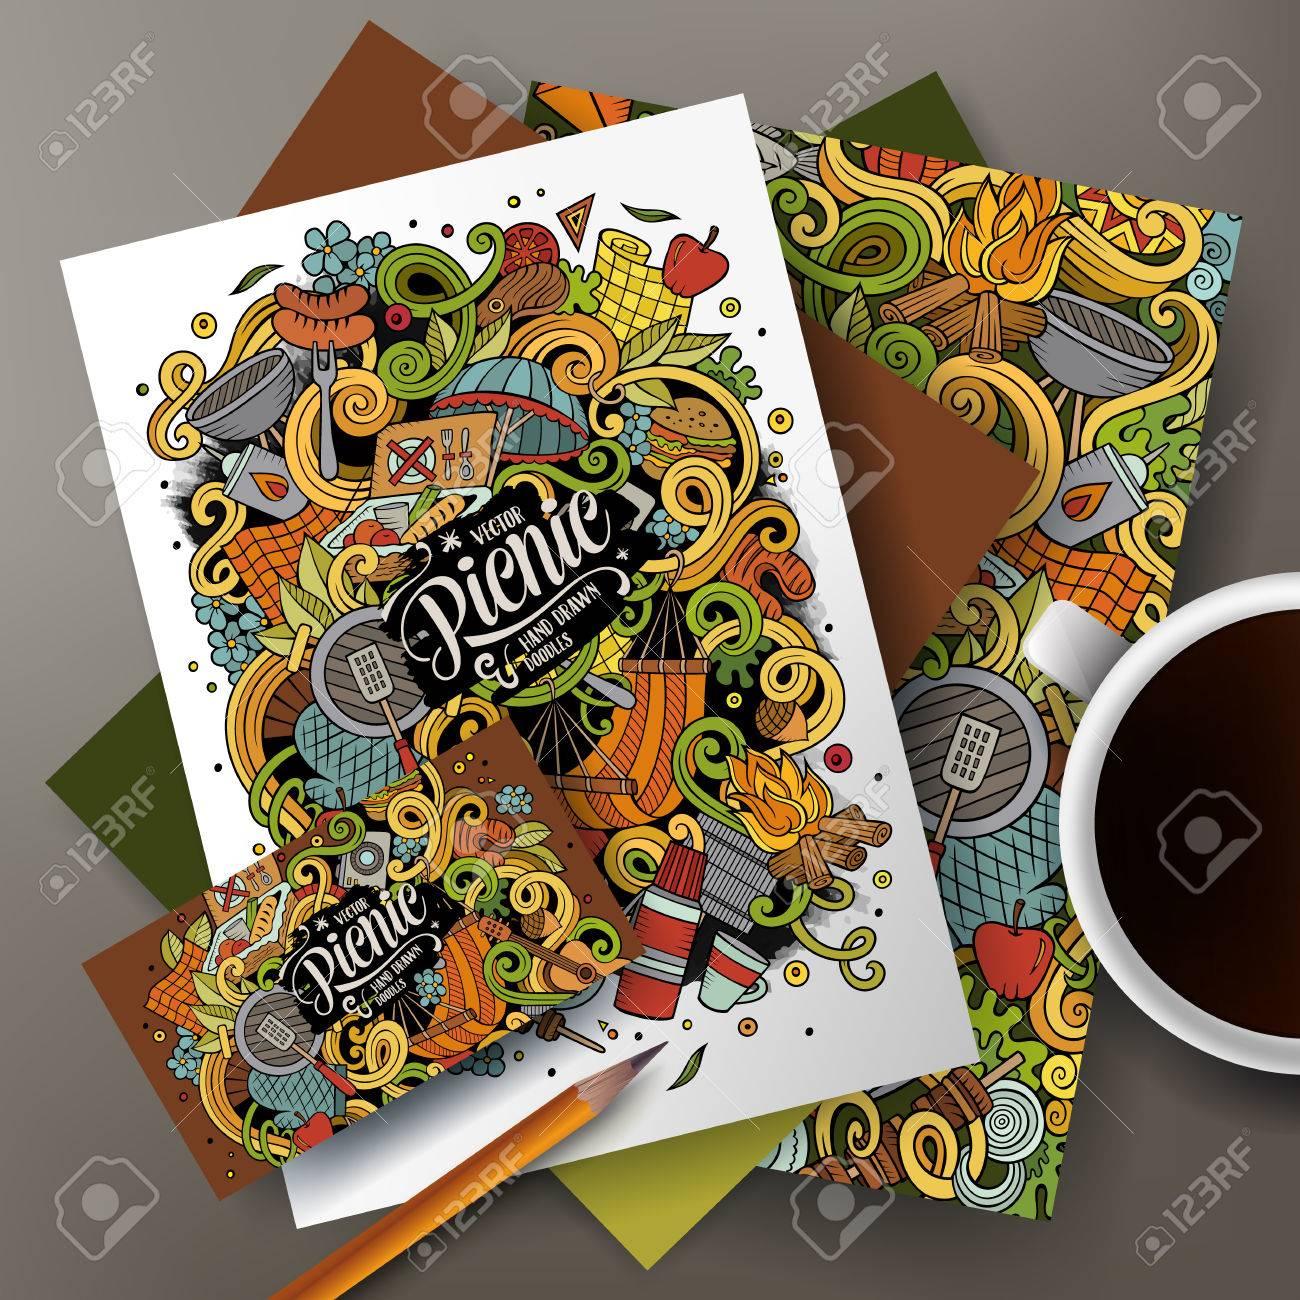 La Main Vecteur Color Pique Nique Ensemble Didentit Dentreprise Modles De Conception Carte Visite Flyers Affiches Documents Sur Table